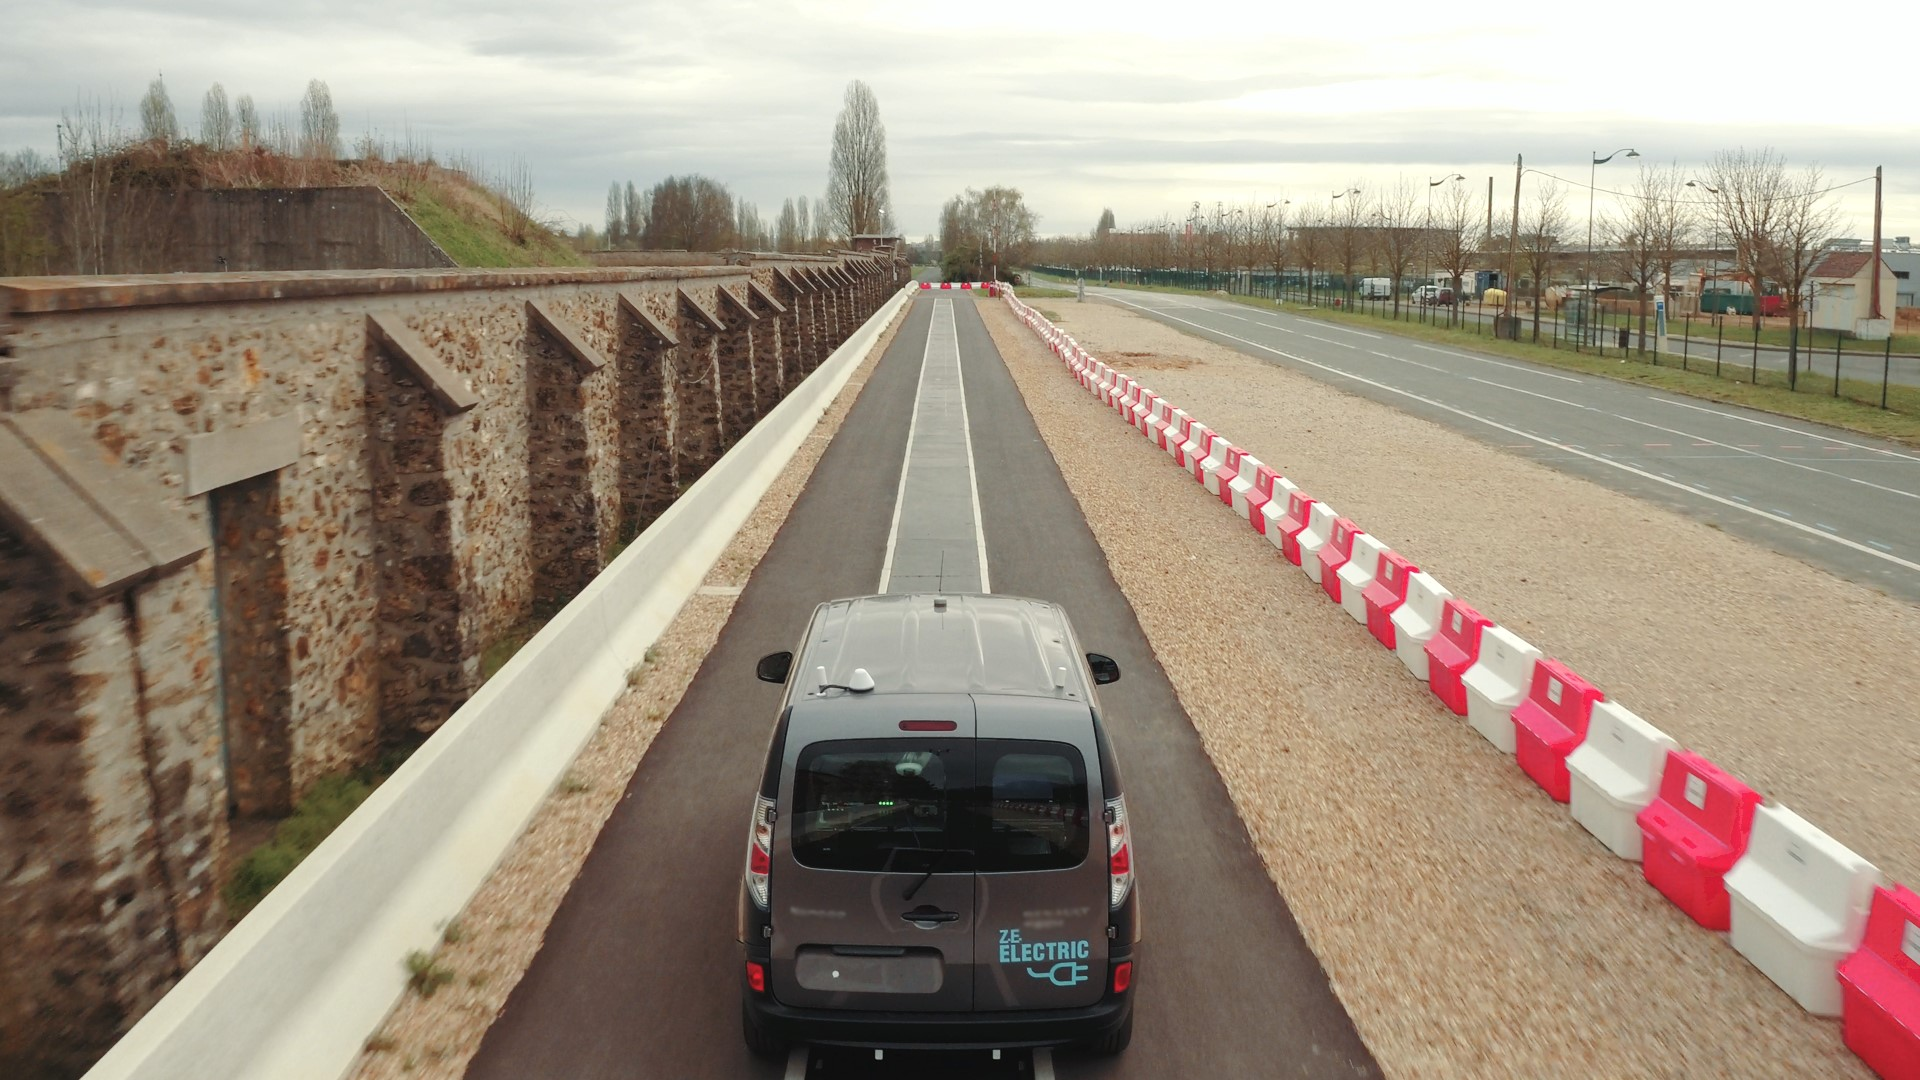 Renault_91436_global_en